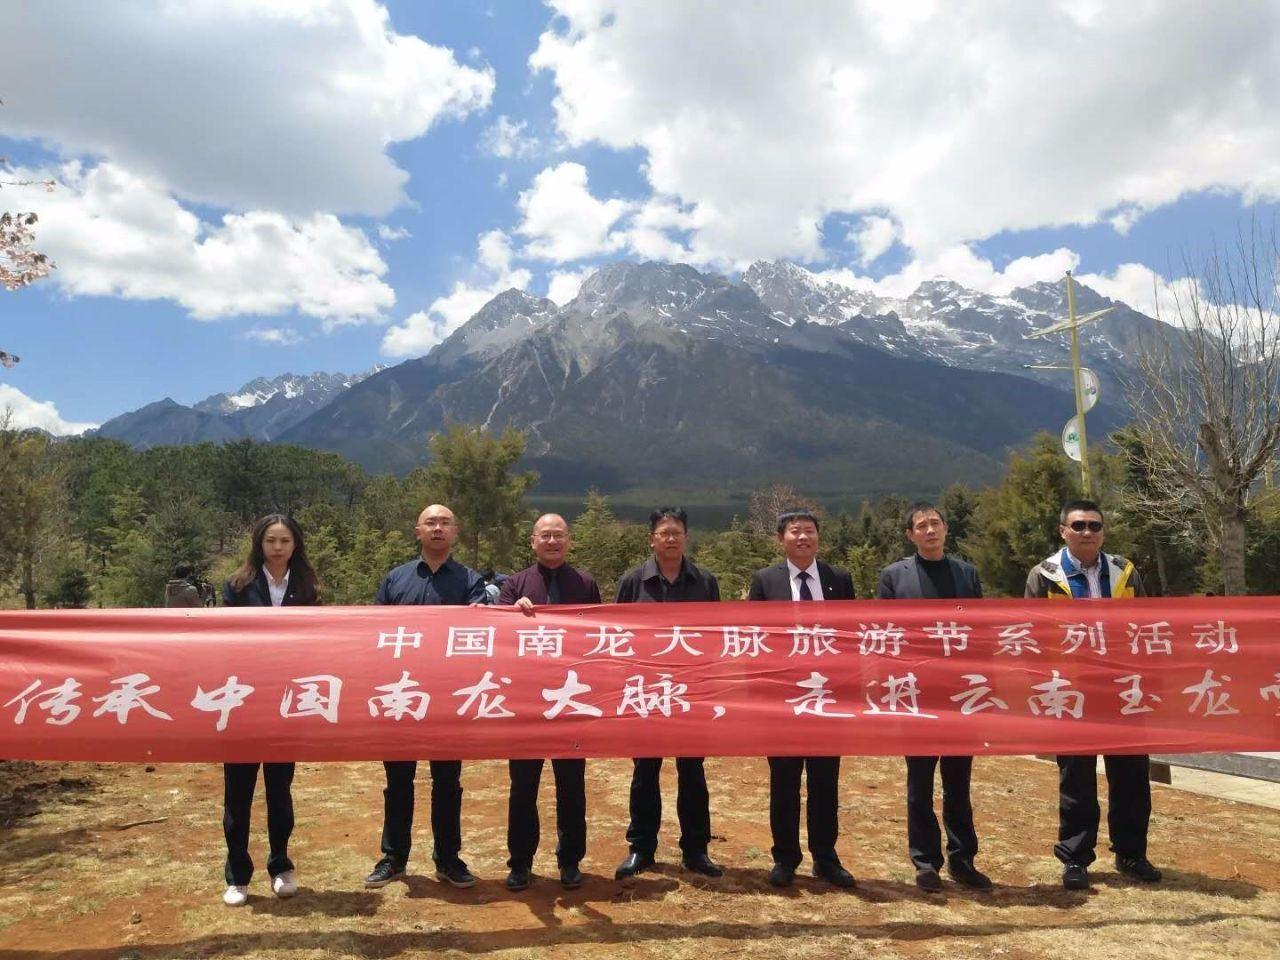 一路风景一路情,南龙大脉自驾车队横穿中国南龙九大联盟景区